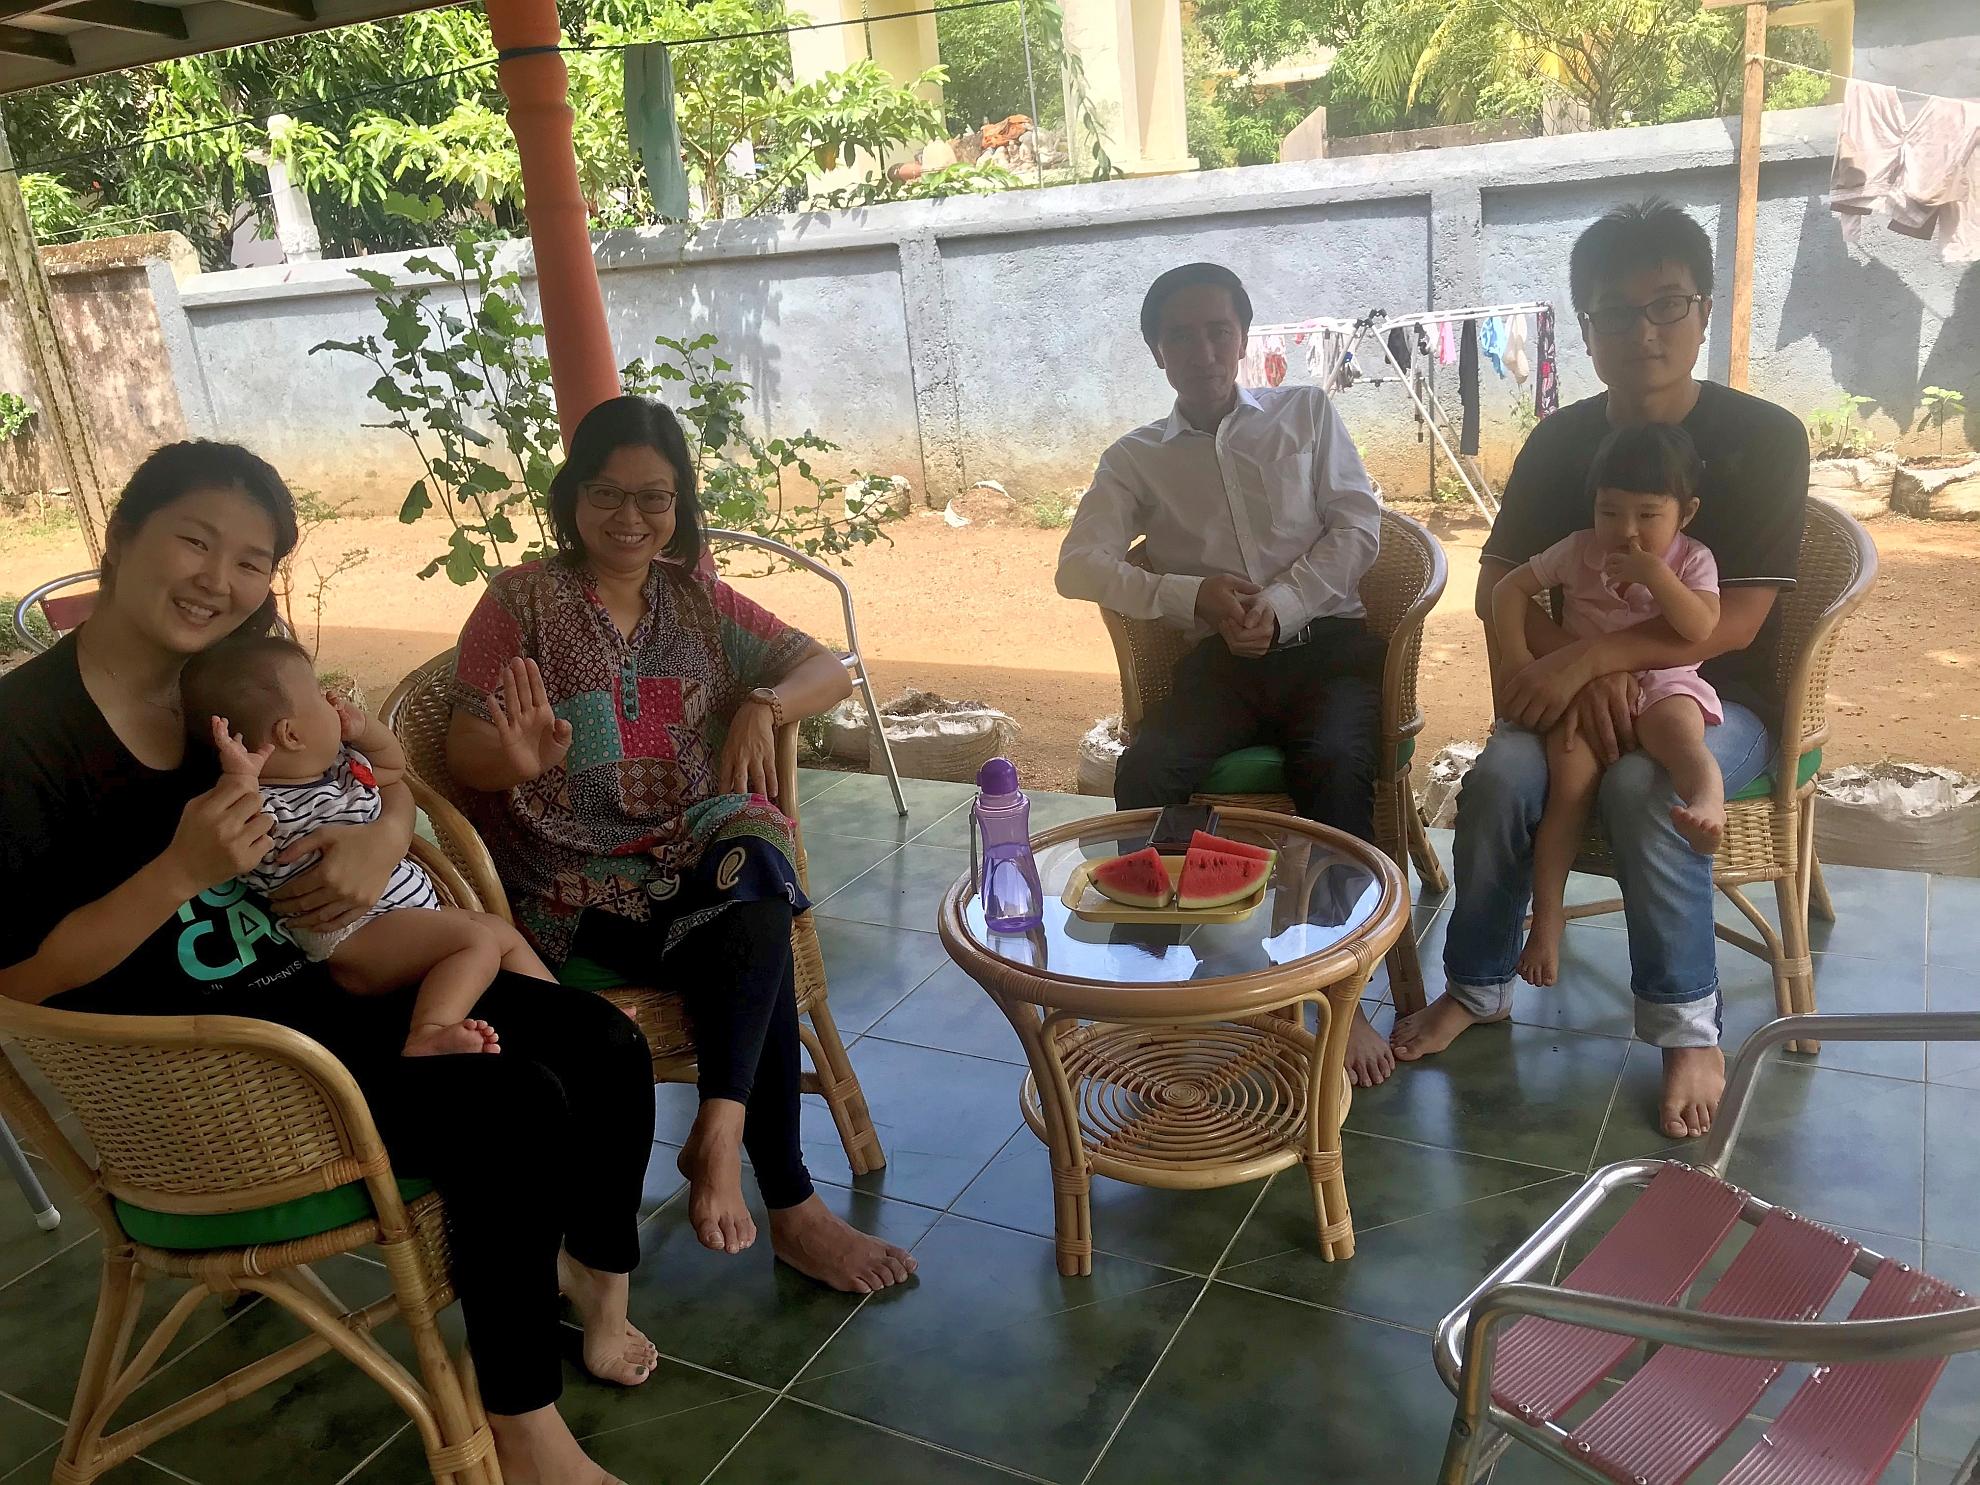 探訪華人家庭